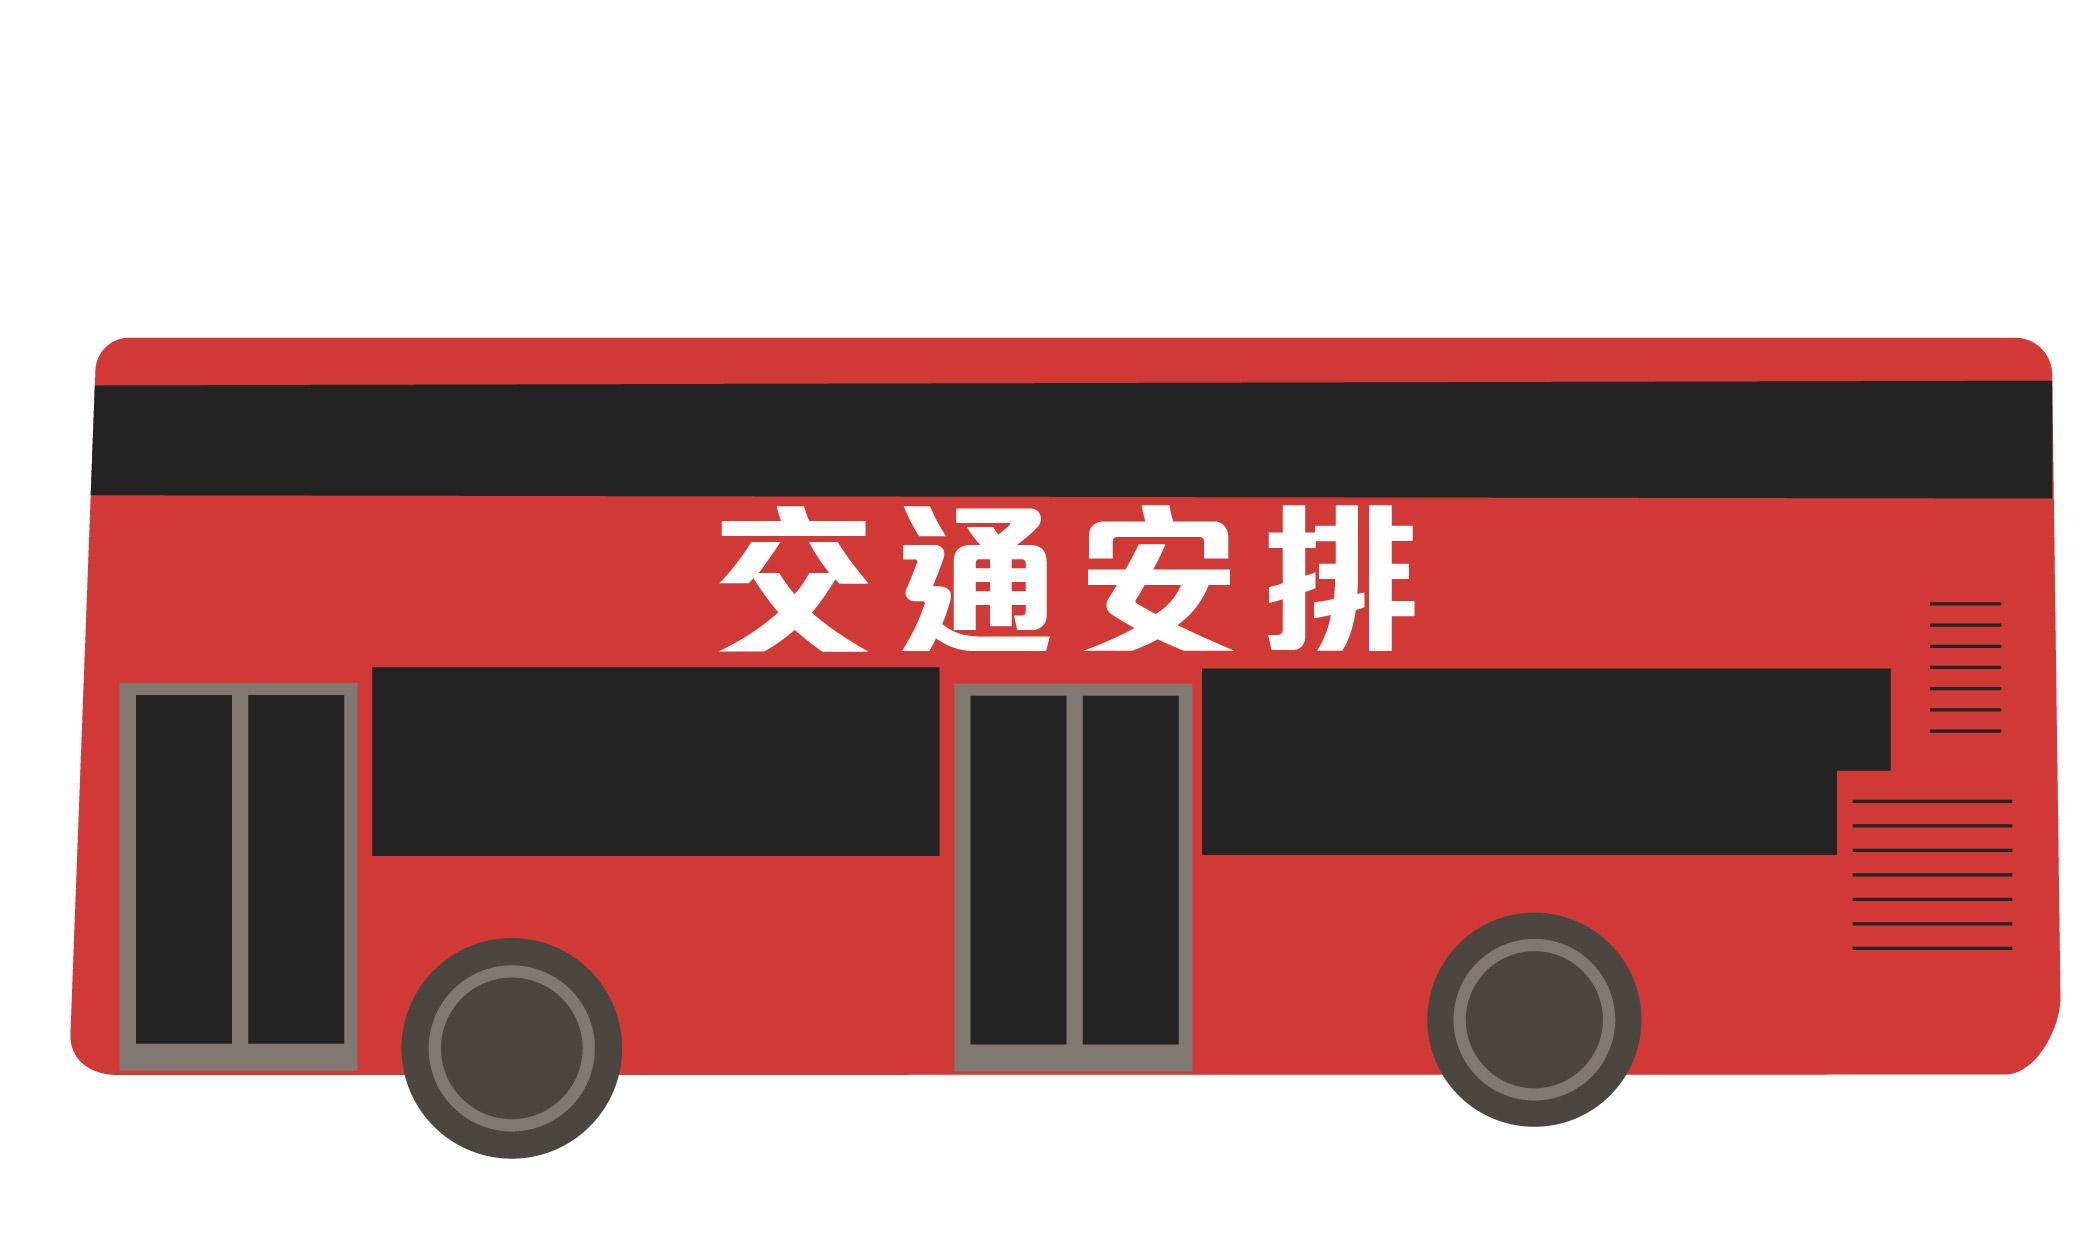 transportation-02.jpg (144 KB)